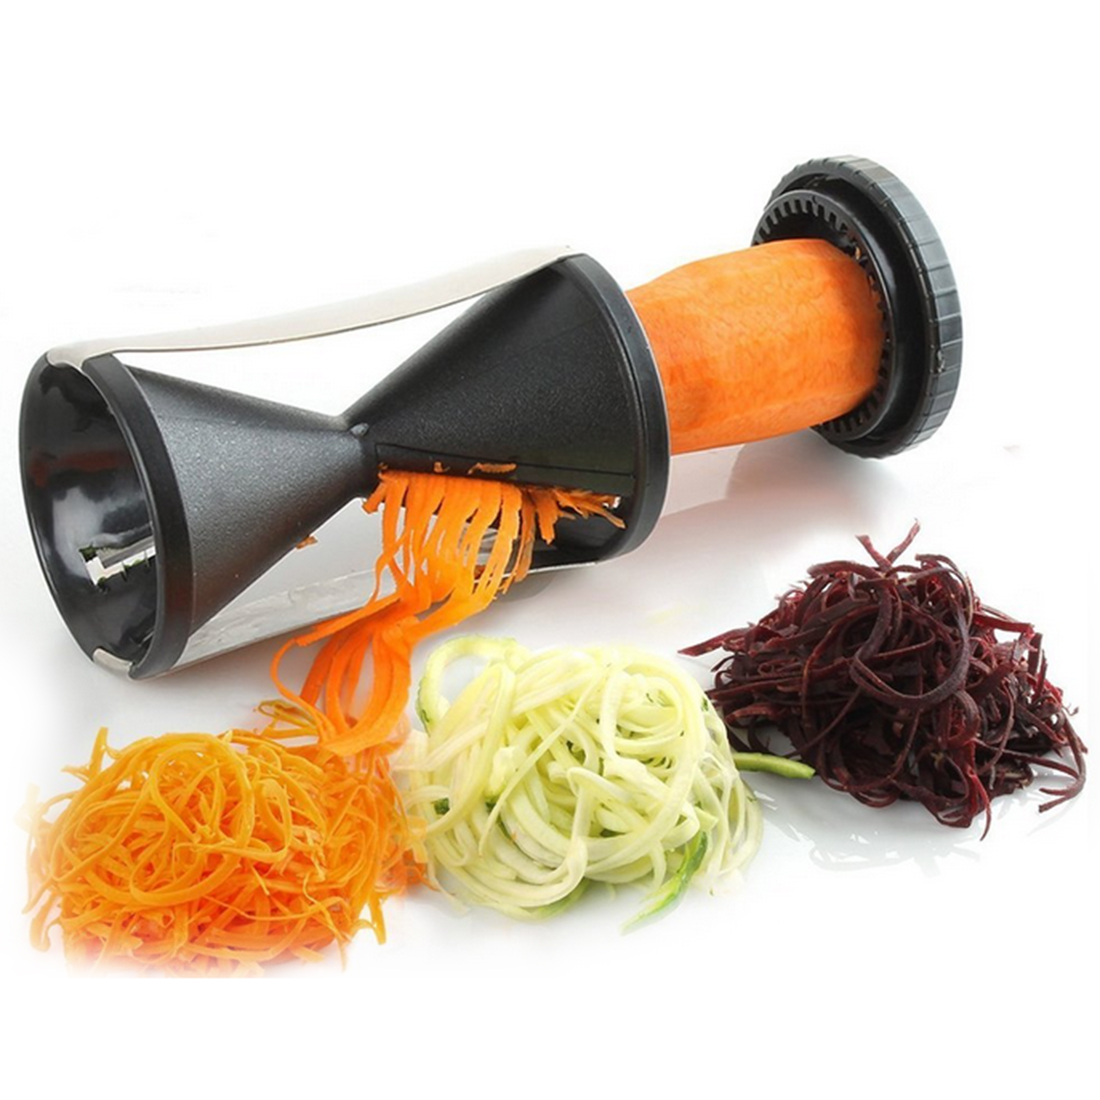 Овощной нержавеющая сталь Спираль слайсер Терка резак Spiralizer для моркови огурец кабачок кухня пособия по кулинарии Инструменты гаджет